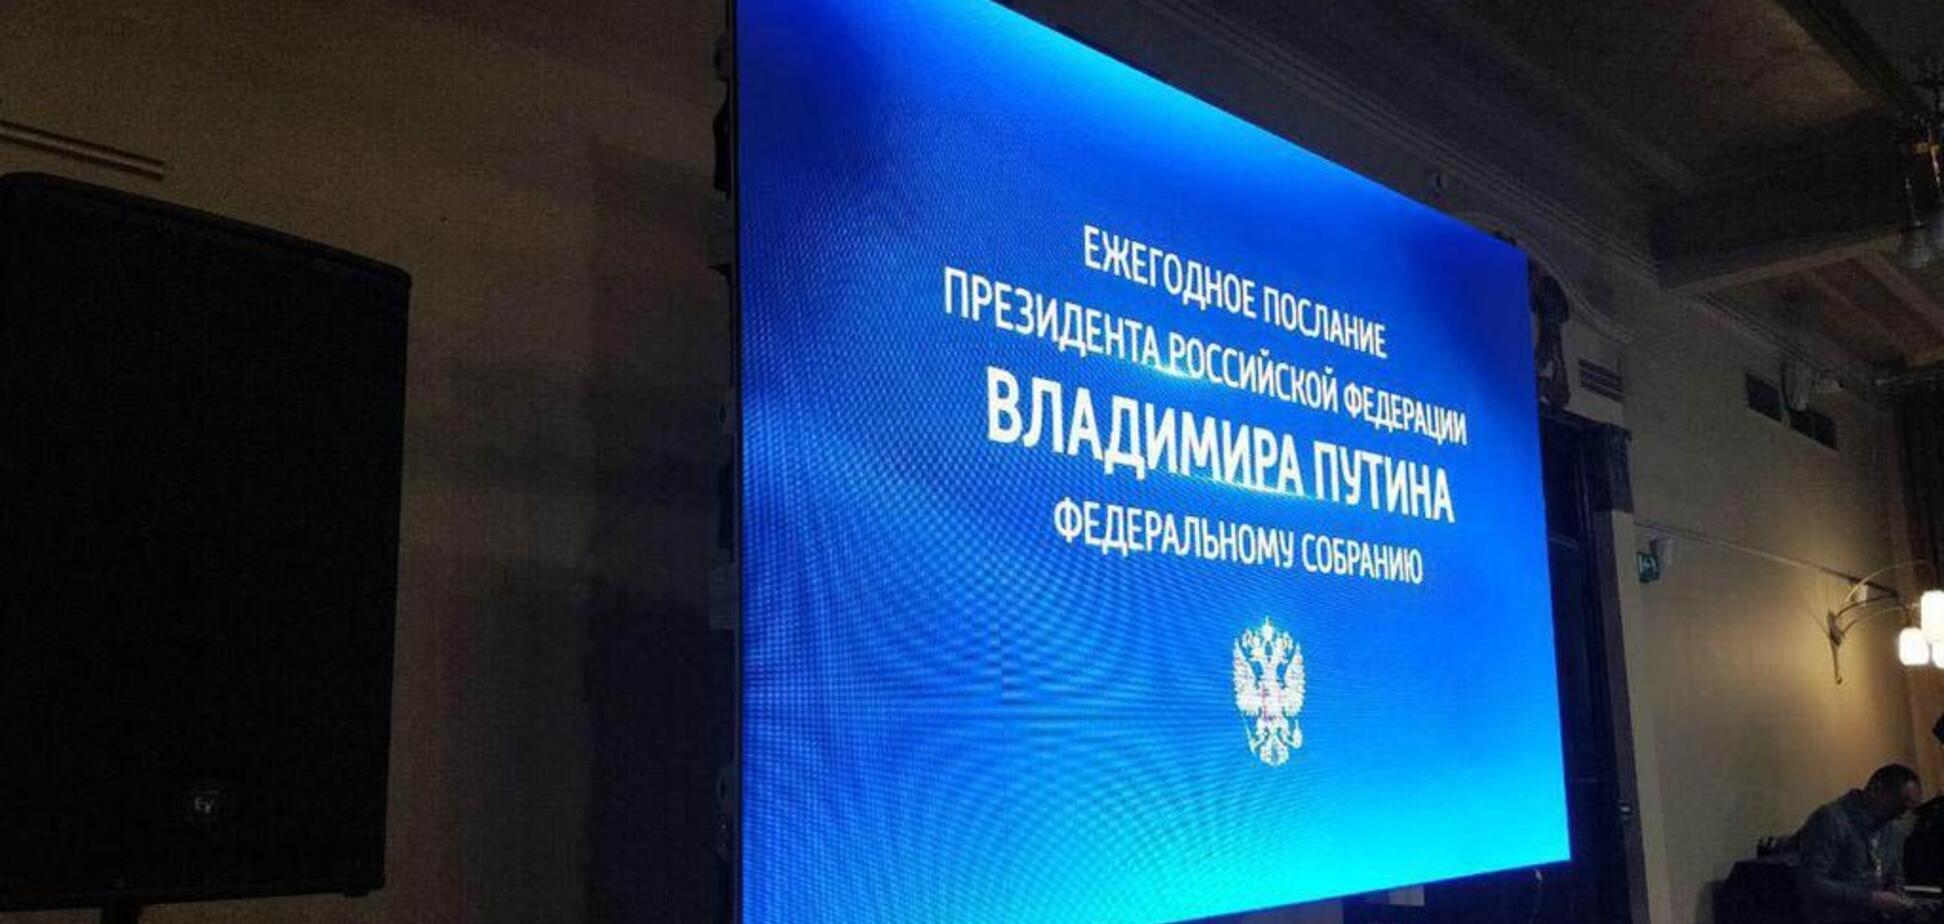 Ежегодное послание Путина Федеральному собранию: все подробности